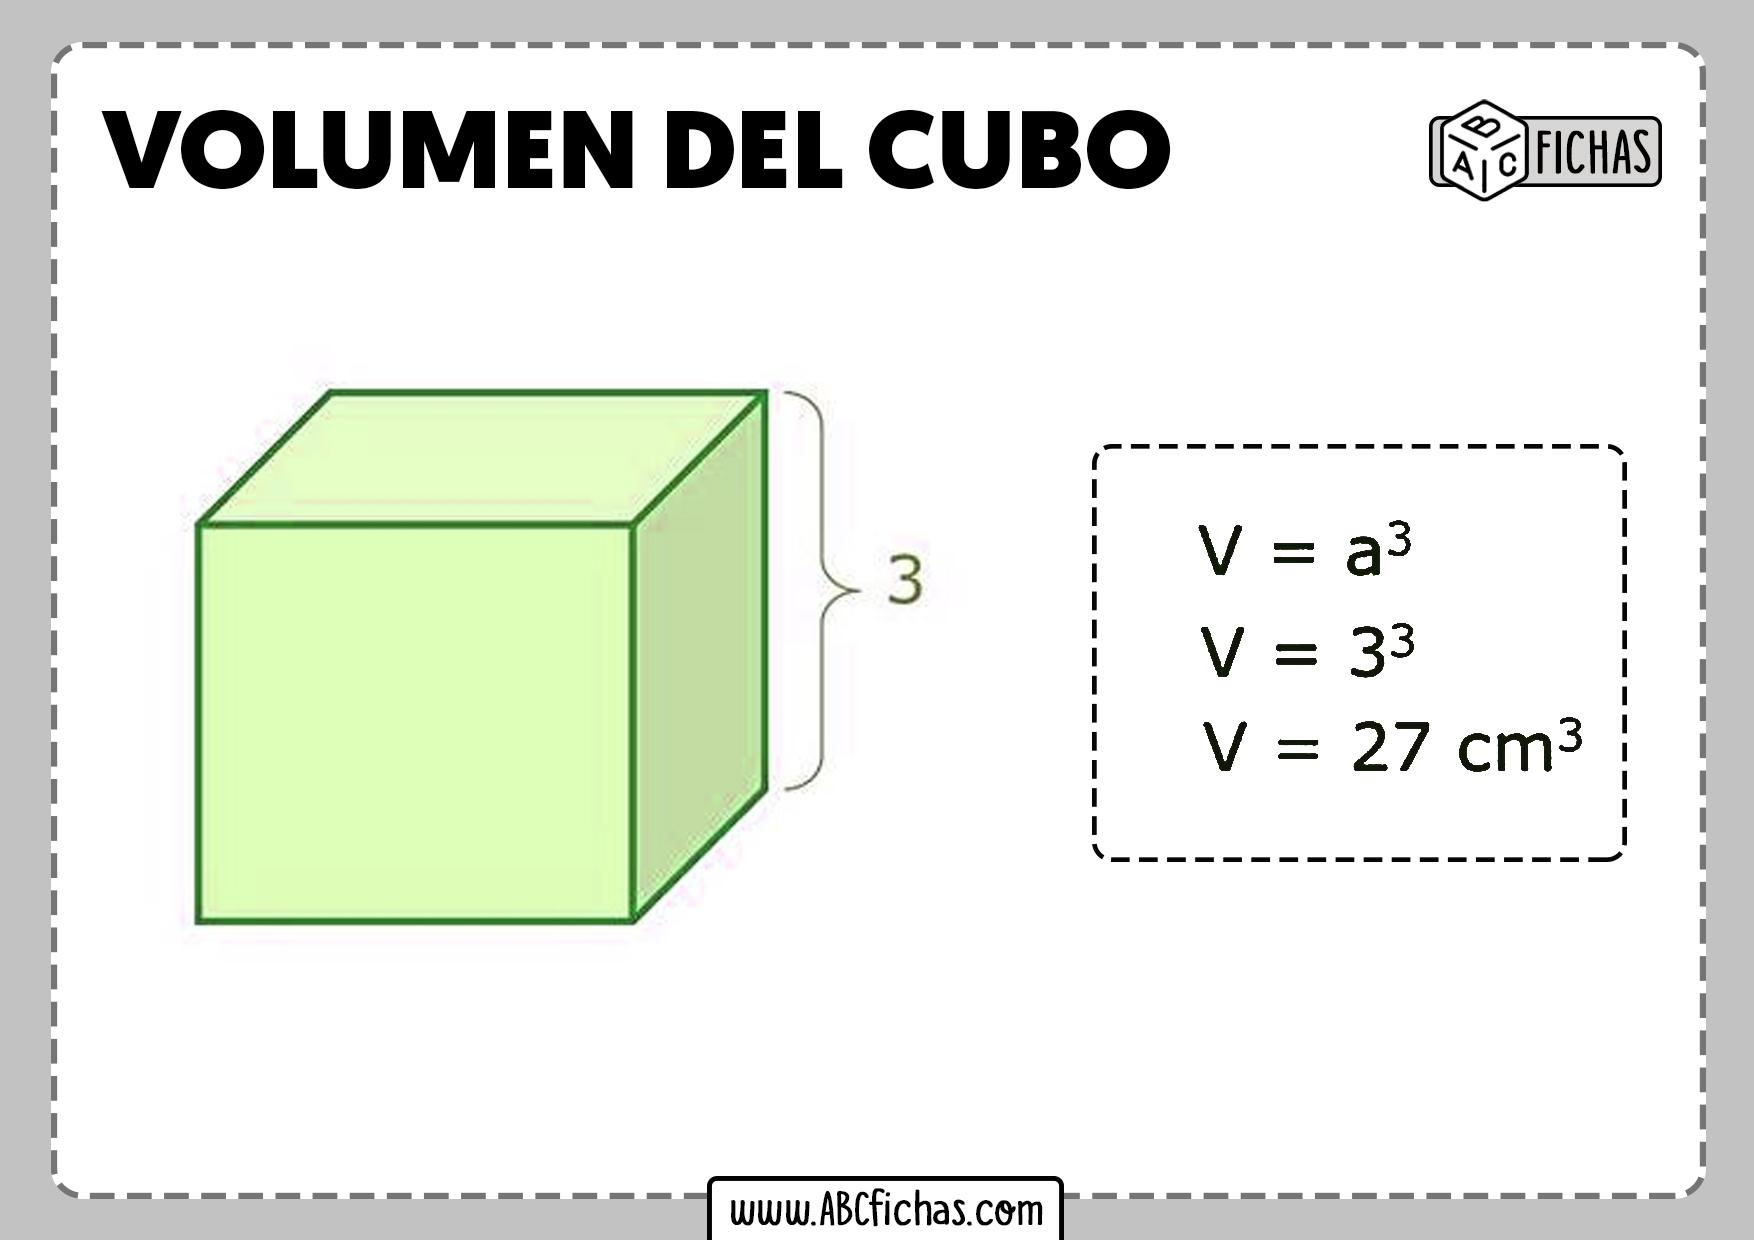 Calculo del volumen del cubo